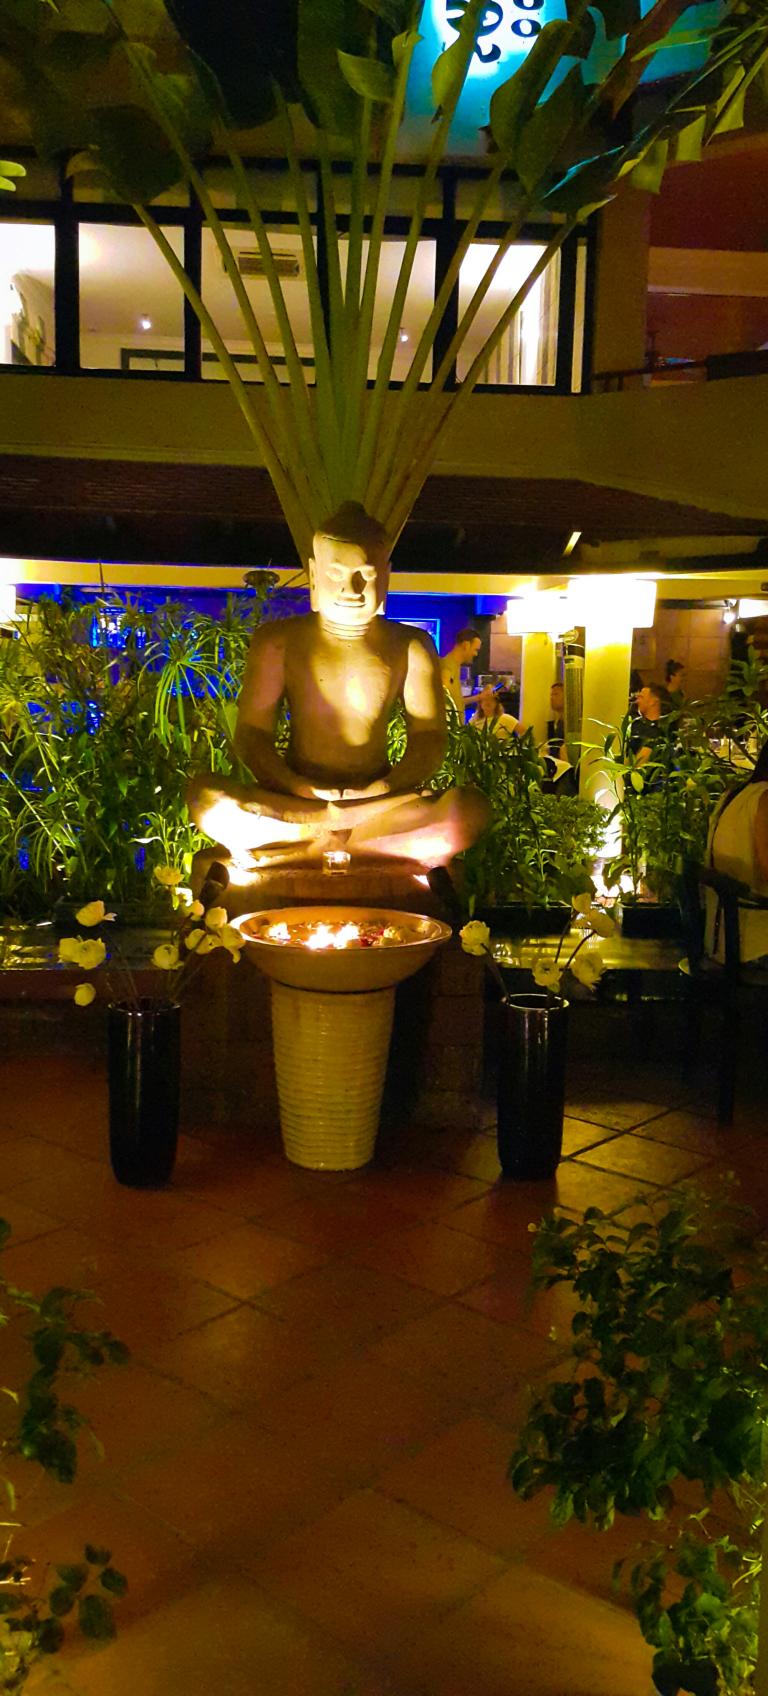 Authentic Khmer Cuisine At Malis Restaurant, PhnomPenh.